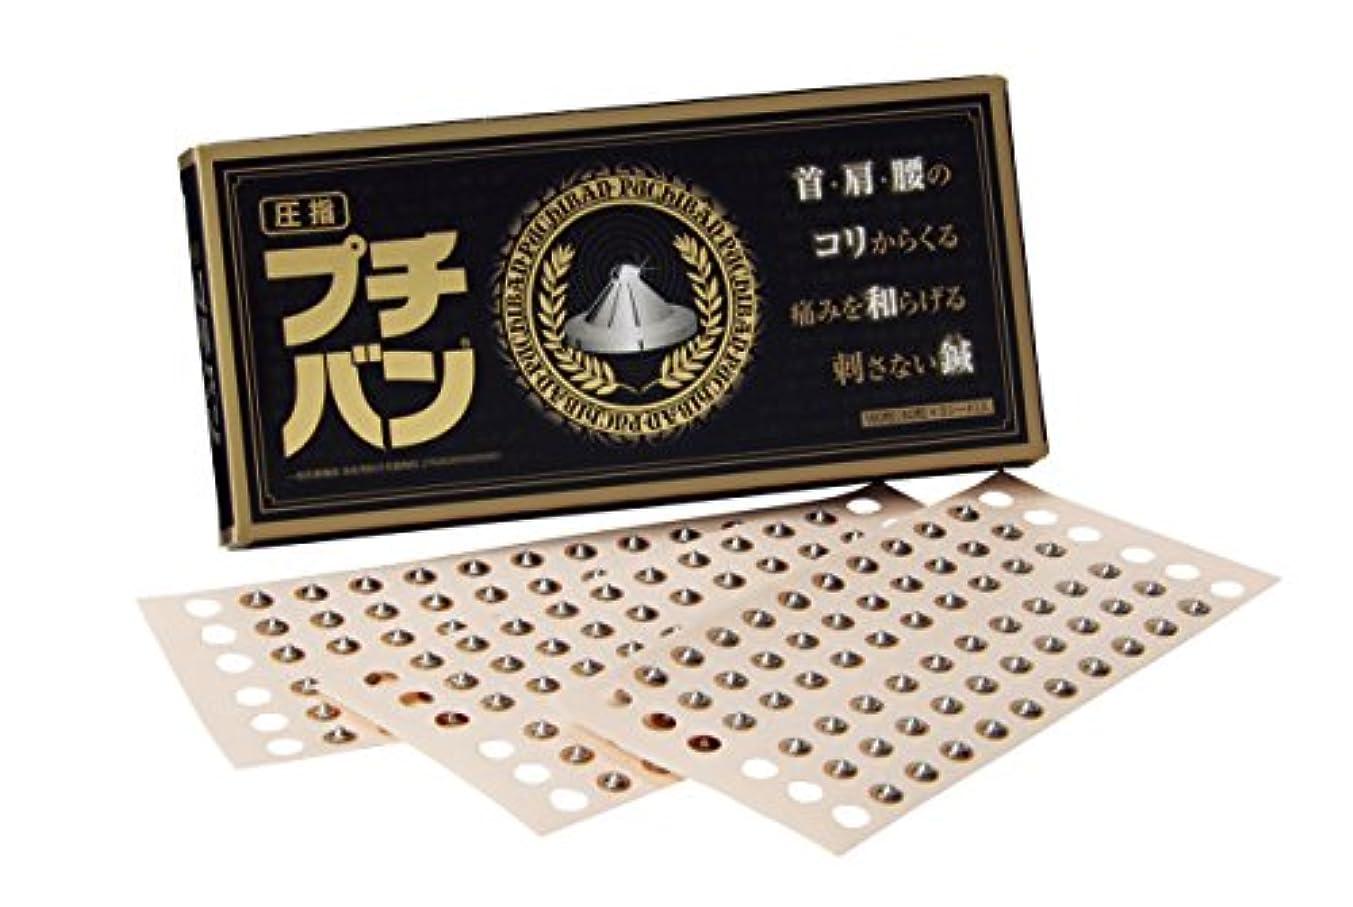 個人出血動物一般医療機器 家庭用貼付型接触粒 プチバン 180粒入 黒金パッケージ